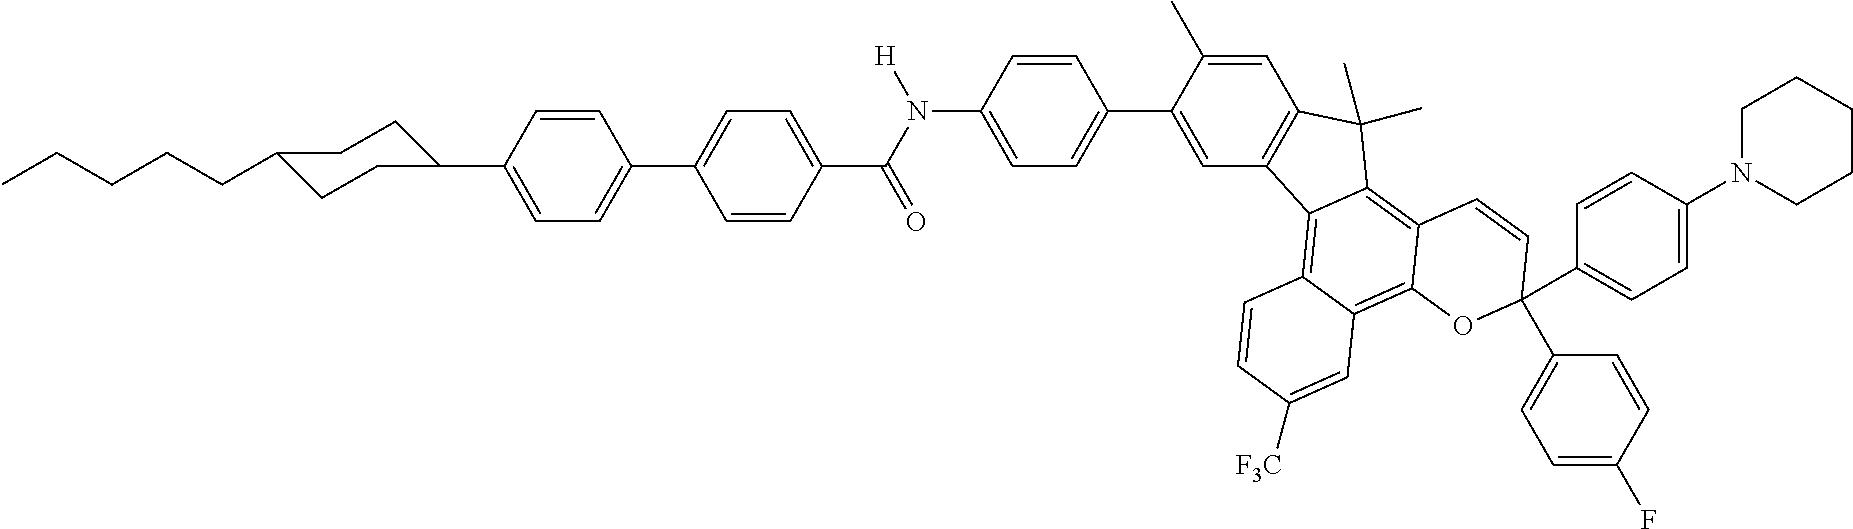 Figure US08545984-20131001-C00018